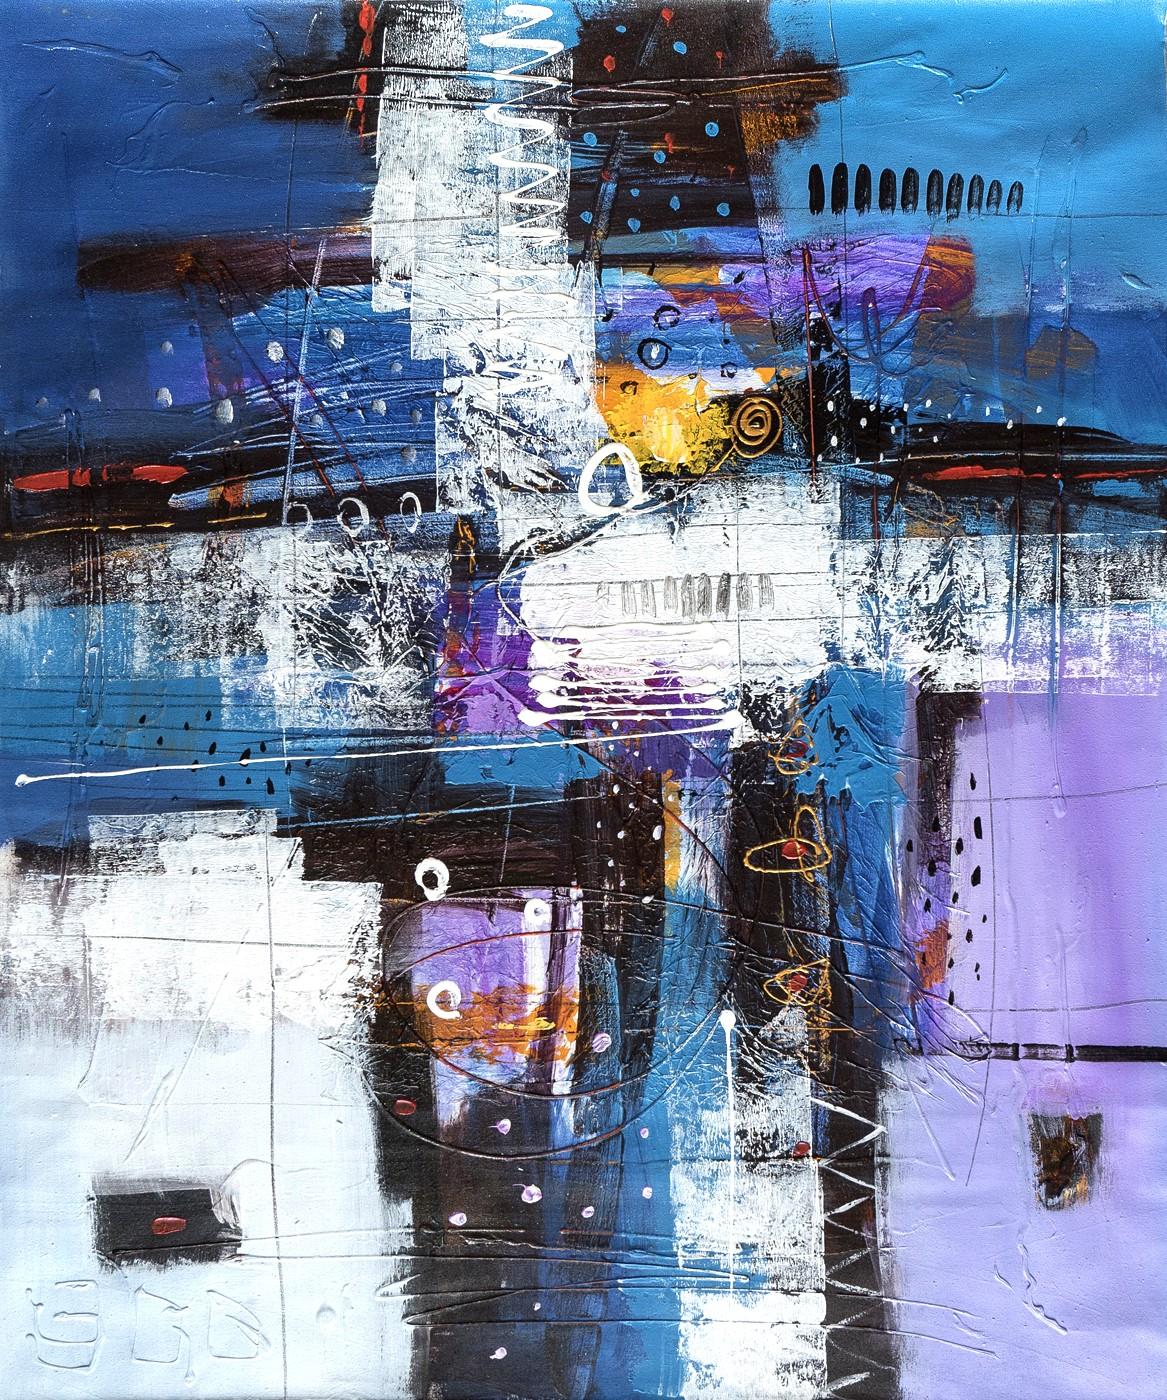 Futuristische Komposition auf Blau-Weiß-Violett